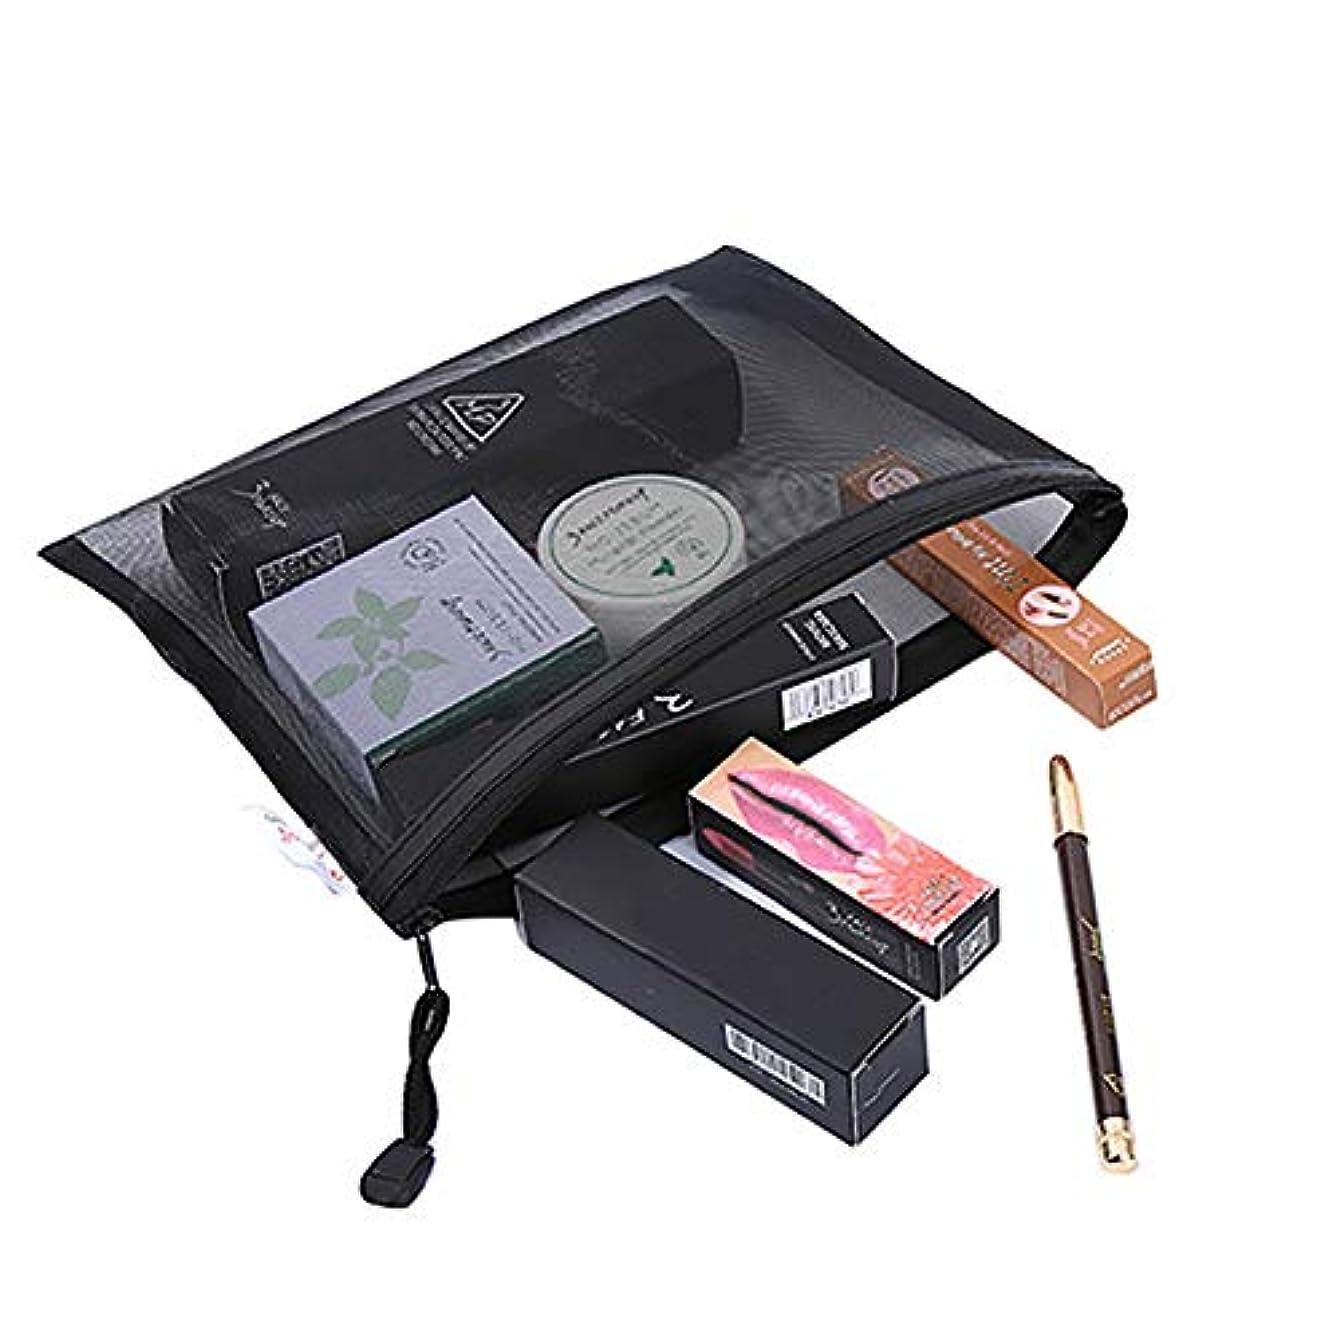 夜明け信者別々にBeito 化粧ポーチ メイクポーチ ミニ 財布 機能的 大容量 化粧品収納 小物入れ 普段使い 出張 旅行 メイク ブラシ バッグ 化粧バッグ